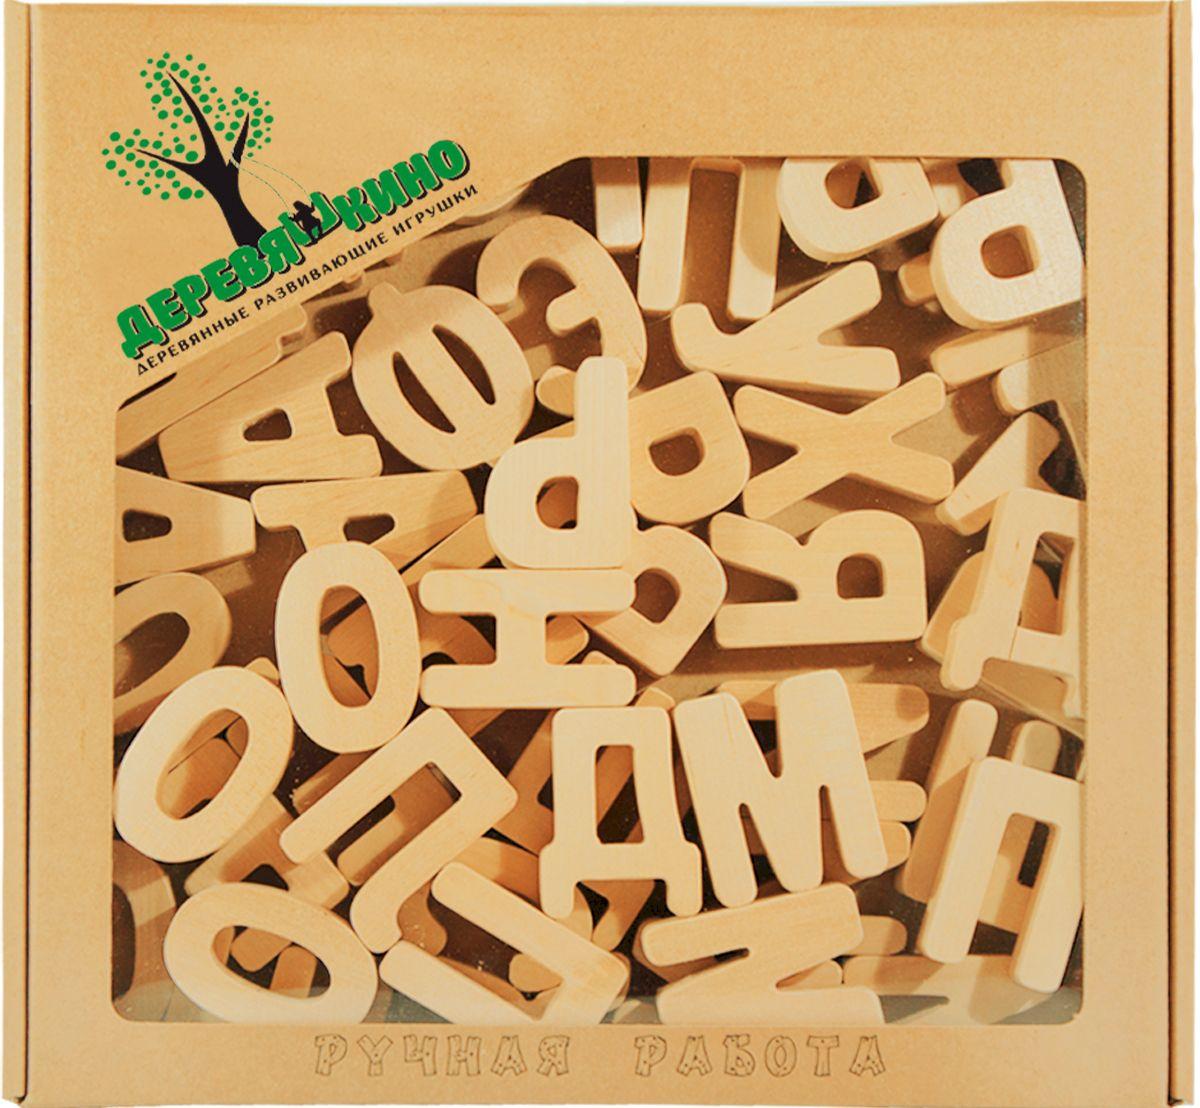 Деревяшкино Обучающая игра Буквы68Развивающая тематическая игрушка (средней степени сложности) подходит для мальчиков и девочек в возрасте от 3 лет. В комплекте 52 буквы, высота одной буквы 6 см. Поможет в обучении малыша чтению и речи. Развивает память, мелкую моторику детских ручек, усидчивость и терпение. Теперь обучение буквам и чтению станет намного проще и интереснее, ведь все это происходит в игровой форме. Экологически чистый продукт: изготовлено вручную из массива березы. Игрушка неокрашена, что делает взаимодействие с изделием абсолютно безопасным: никаких лаков, «химии» или добавок.